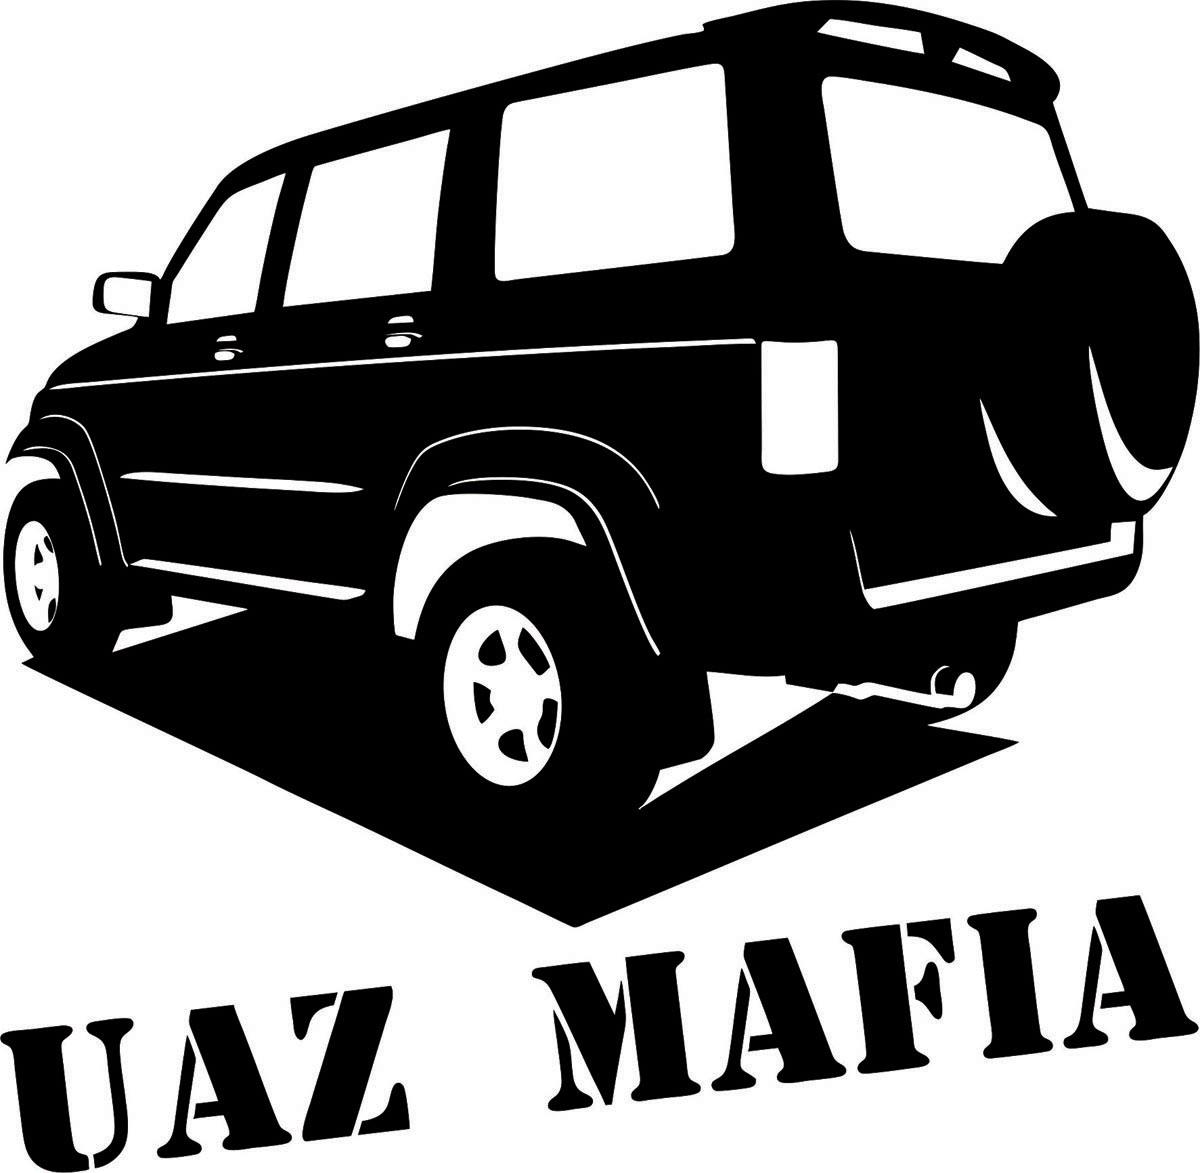 Наклейка автомобильная Оранжевый слоник UAZ Mafia, виниловая, цвет: черный1504400015BОригинальная наклейка Оранжевый слоник UAZ Mafia изготовлена из высококачественной виниловой пленки, которая выполняет не только декоративную функцию, но и защищает кузов автомобиля от небольших механических повреждений, либо скрывает уже существующие. Виниловые наклейки на автомобиль - это не только красиво, но еще и быстро! Всего за несколько минут вы можете полностью преобразить свой автомобиль, сделать его ярким, необычным, особенным и неповторимым!